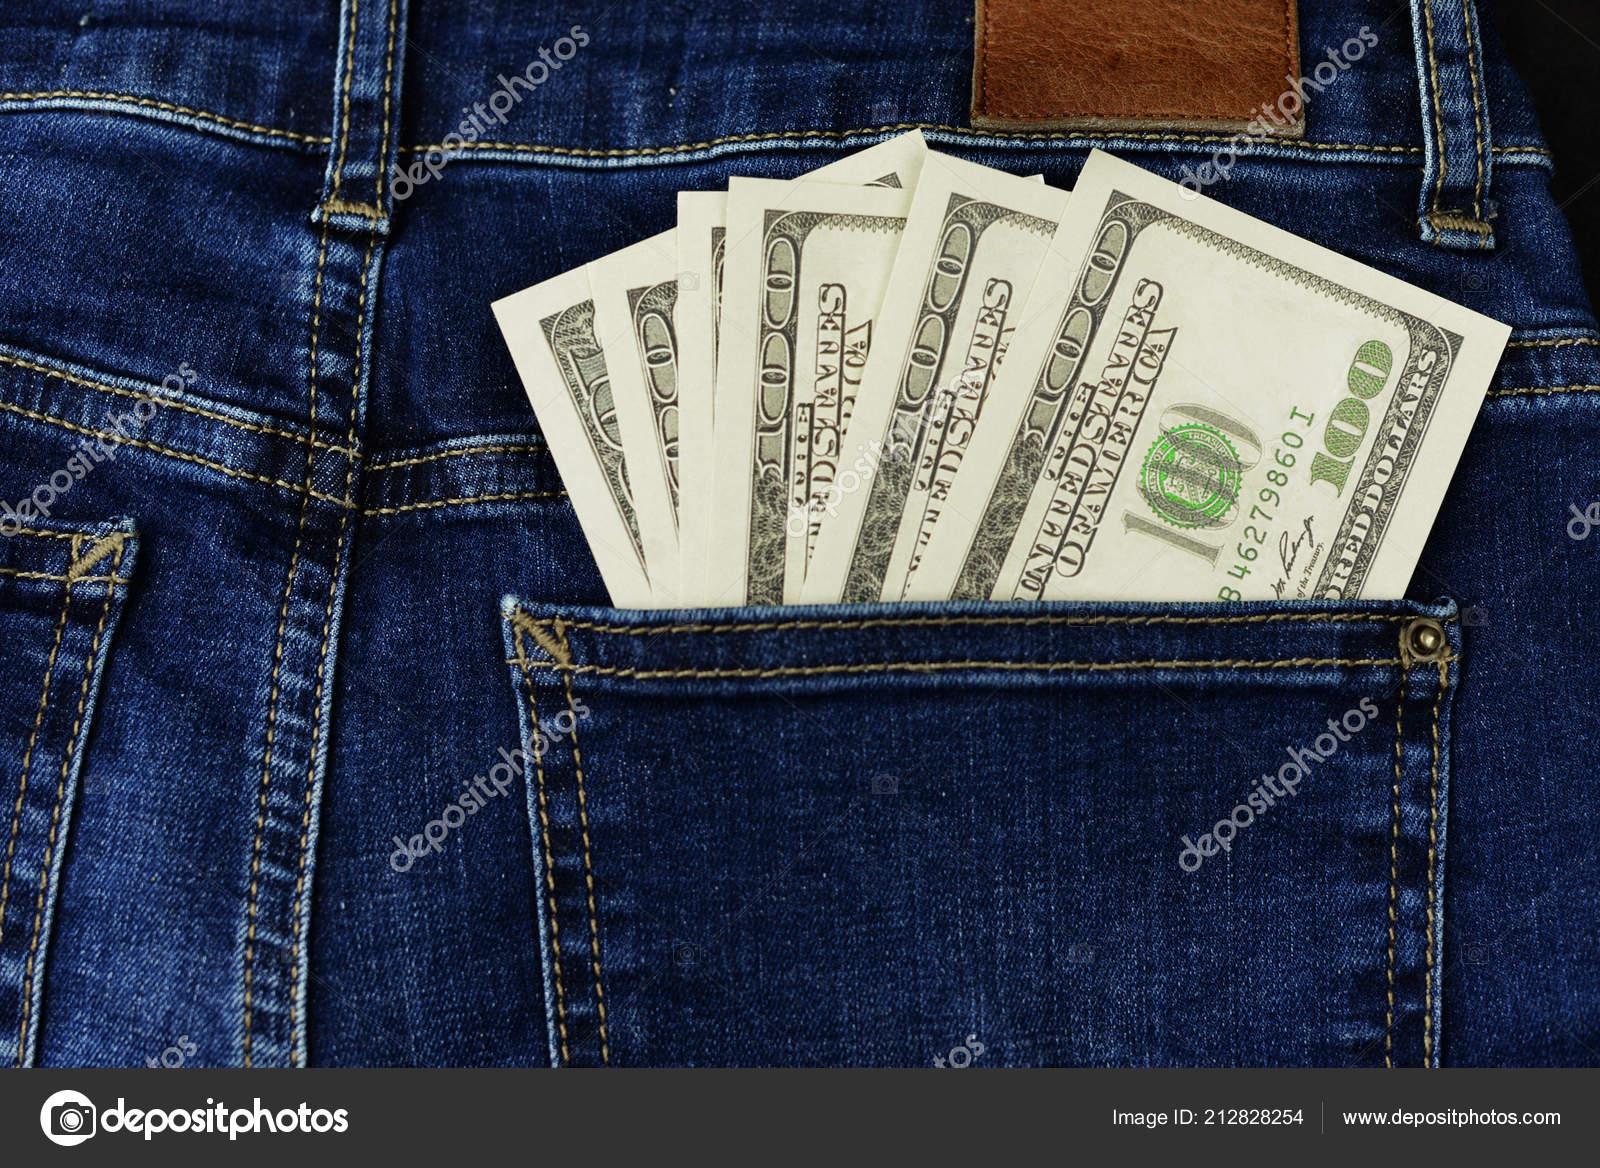 b983e6175 Dinero Canadiense Americano Dólares Billete 100 Cien Bolsillo Del Dril —  Foto de Stock